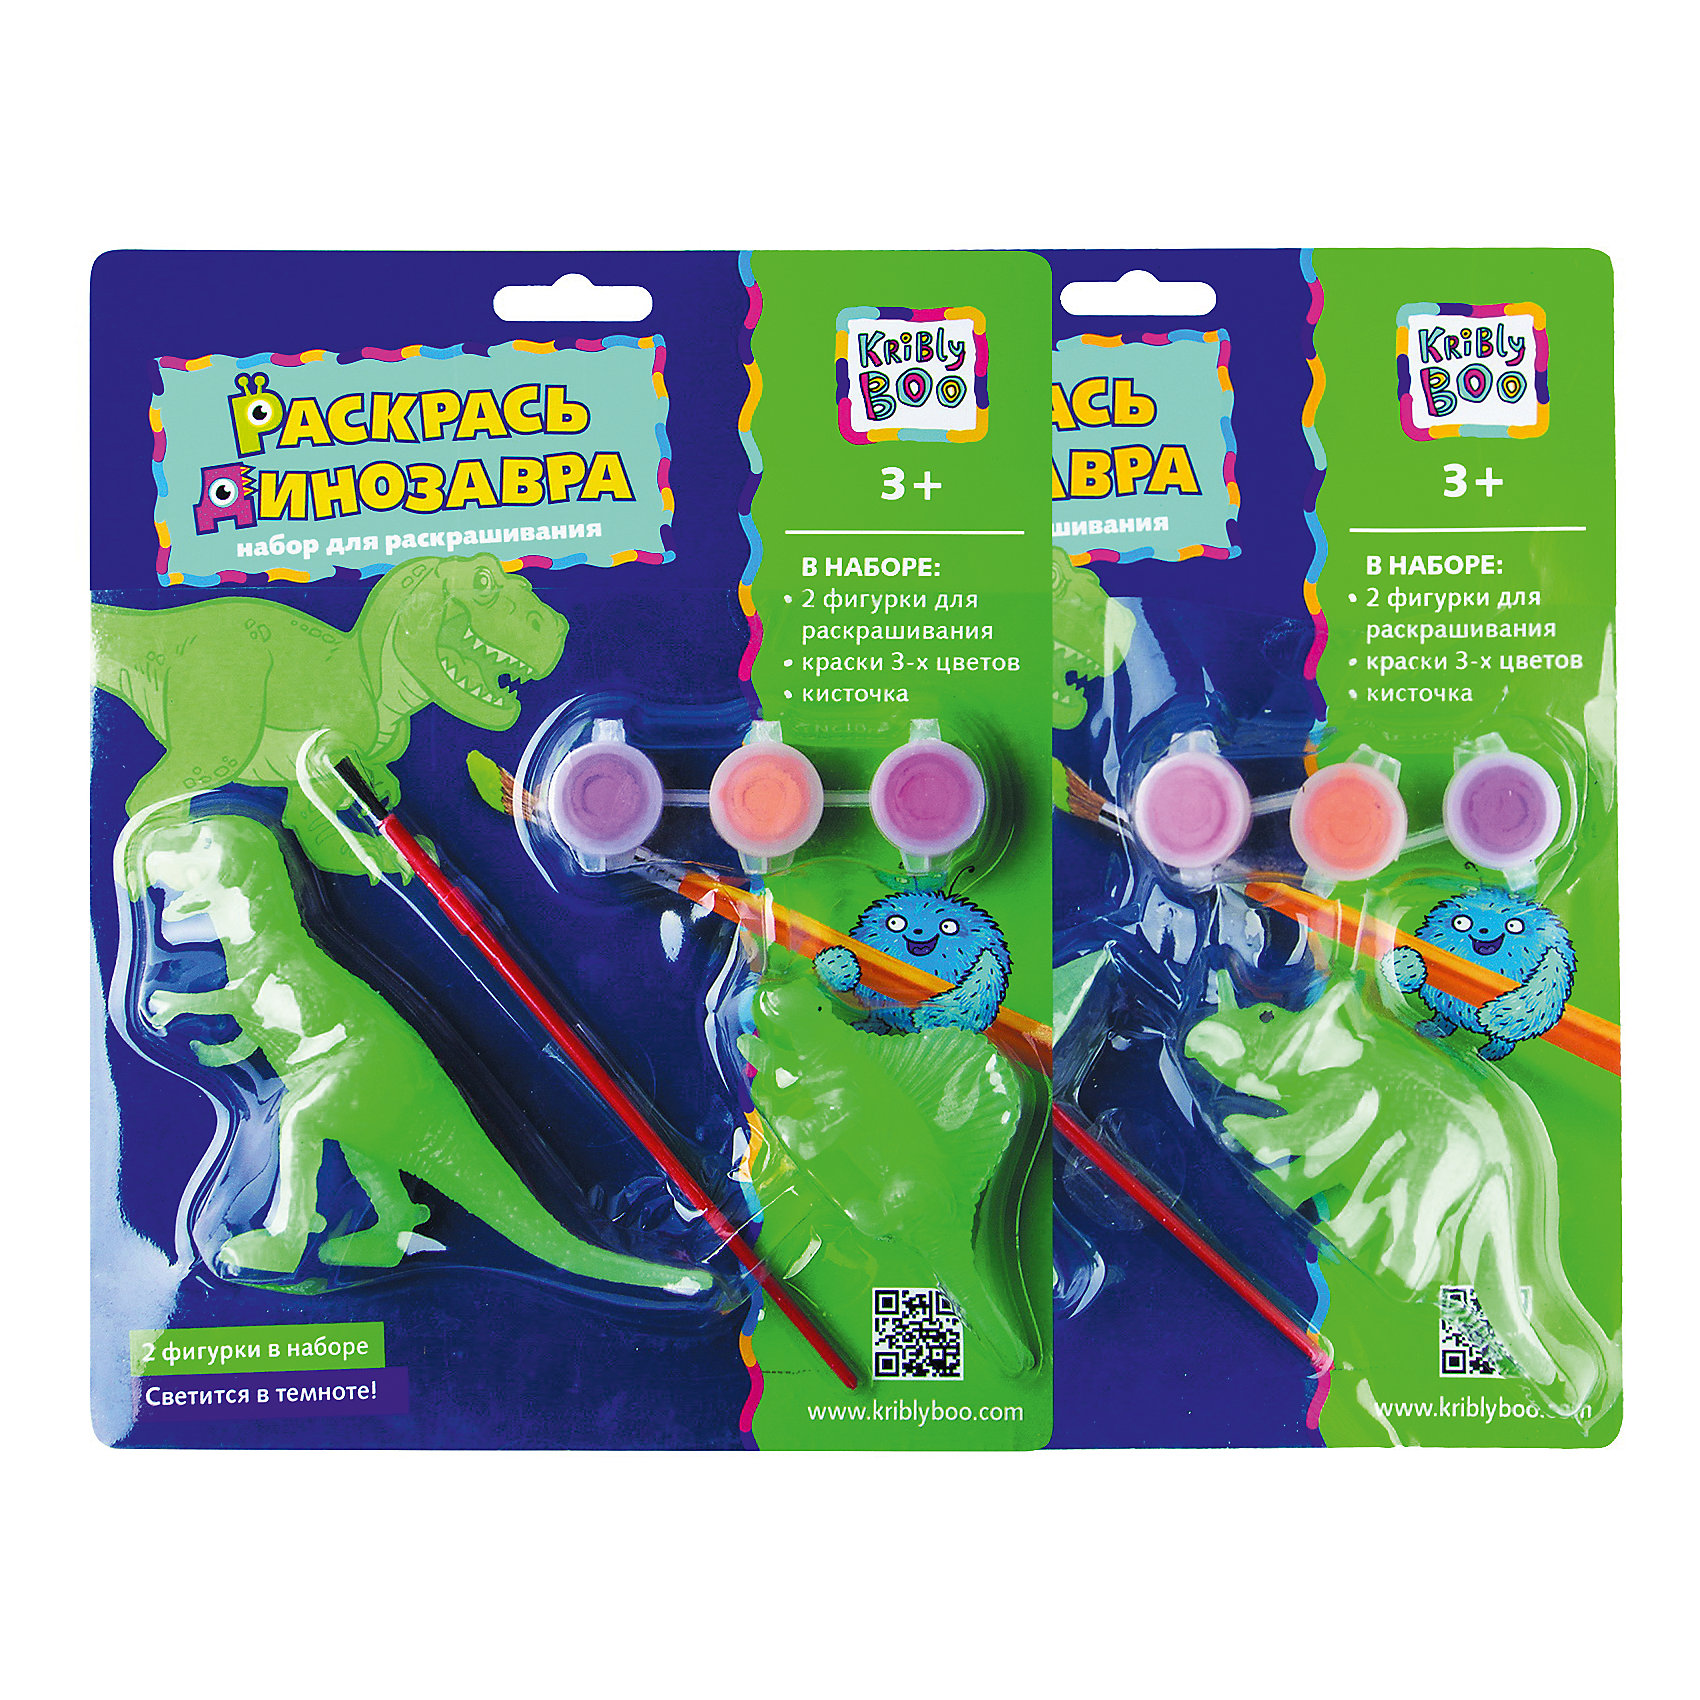 Набор Раскрась динозавра, светящийся в темнотеХарактеристики товара:<br><br>• материал: пластик, акрил<br>• размер: 20х24х4 см<br>• вес: 100 г<br>• комплектация: 3 динозавра, краски 3 цвета, кисть<br>• фигурки светятся в темноте<br>• развивающая<br>• возраст: от трех лет<br>• страна бренда: Финляндия<br>• страна изготовитель: Китай<br><br>Такая раскраска станет отличным подарком малышам! Она отличается тем, что сделана в виде объемных динозавров! Ддля раскрашивания к ней прилагаются кисть и краски. С помощью раскрашивания ребенок не только весело проведет время, он будет тренировать внимательность, абстрактное мышление, логику, усидчивость, мелкую моторику и творческие способности. <br>Раскраска выпущена в удобном формате. Изделие производится из качественных и проверенных материалов, которые безопасны для детей.<br><br>Набор Раскрась динозавра, светящийся в темноте, от бренда KriBly Boo можно купить в нашем интернет-магазине.<br><br>Ширина мм: 240<br>Глубина мм: 200<br>Высота мм: 40<br>Вес г: 125<br>Возраст от месяцев: 36<br>Возраст до месяцев: 84<br>Пол: Унисекс<br>Возраст: Детский<br>SKU: 5167839